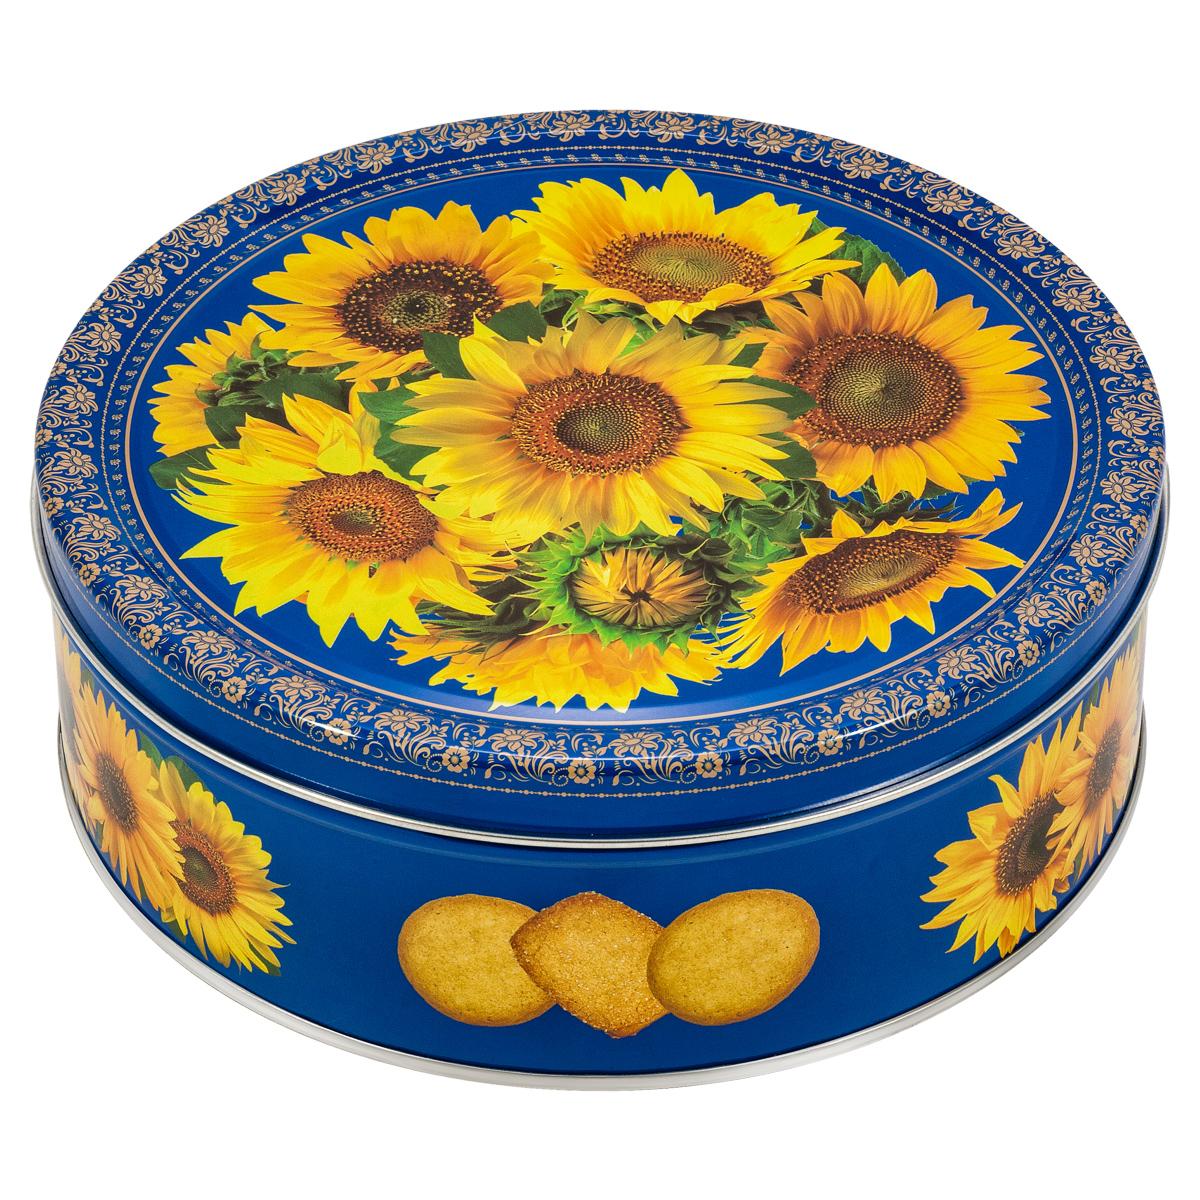 Сладкая Сказка Monte Christo Подсолнухи печенье со сливочным маслом, 400 г сладкая сказка monte christo тюльпаны печенье со сливочным маслом 400 г